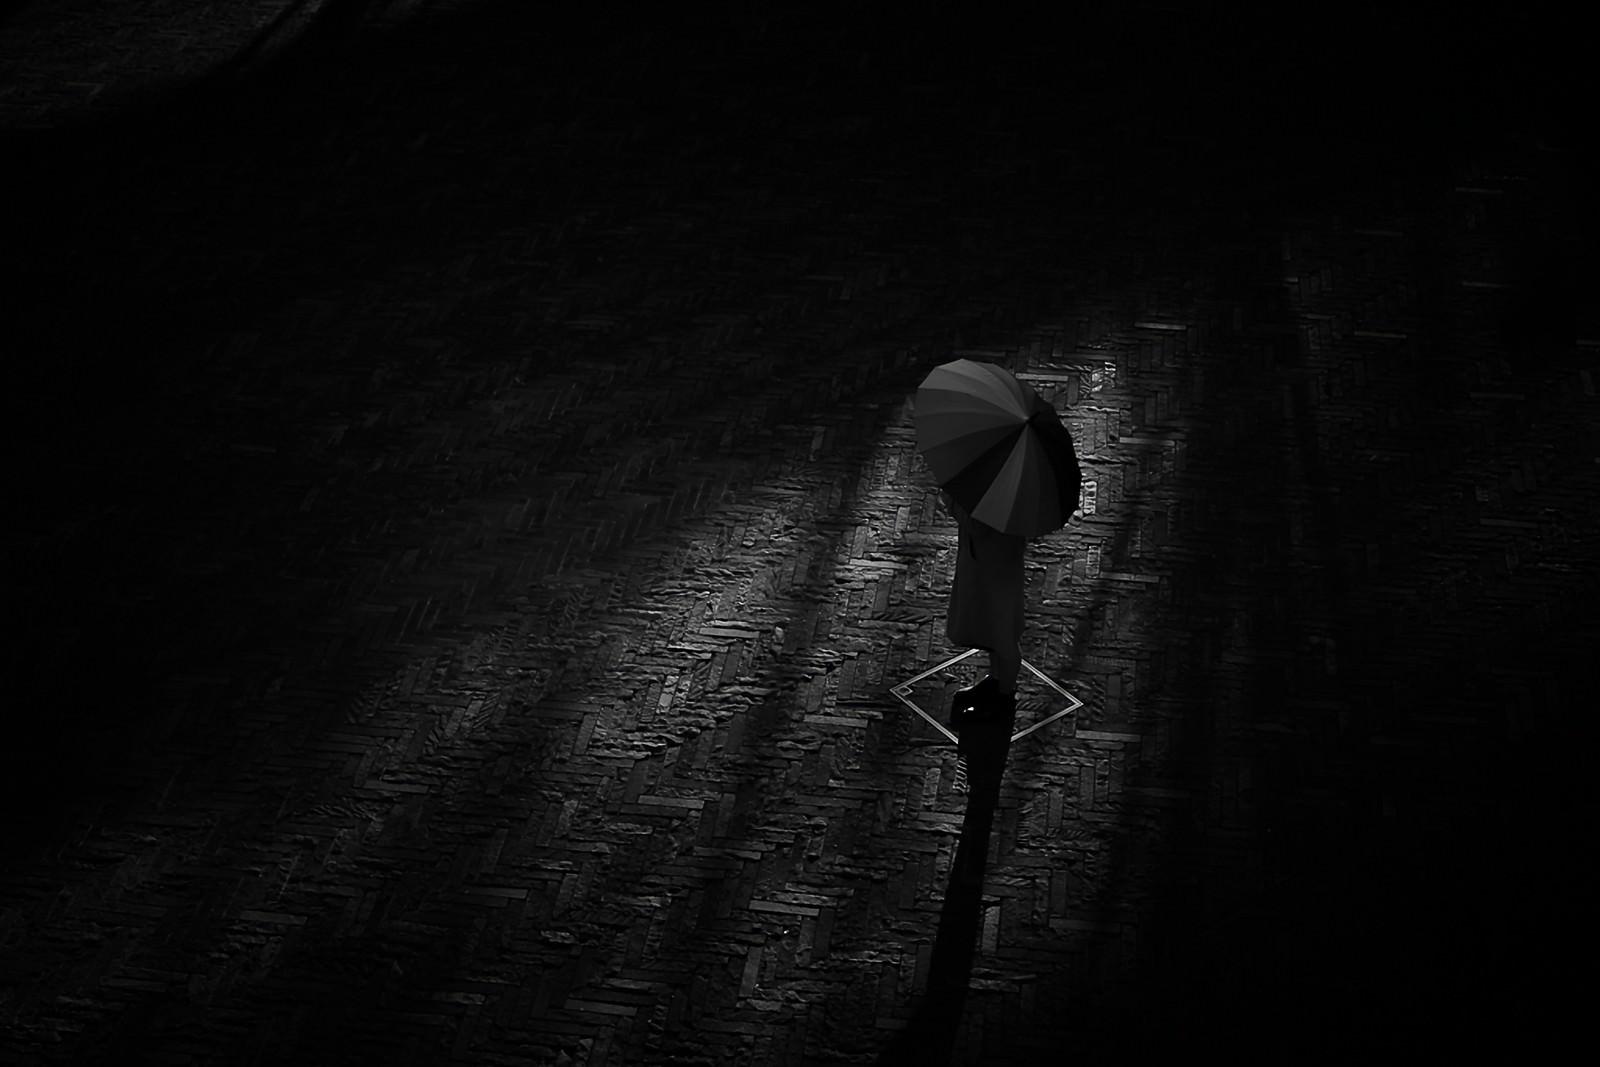 「パラソルと影」の写真